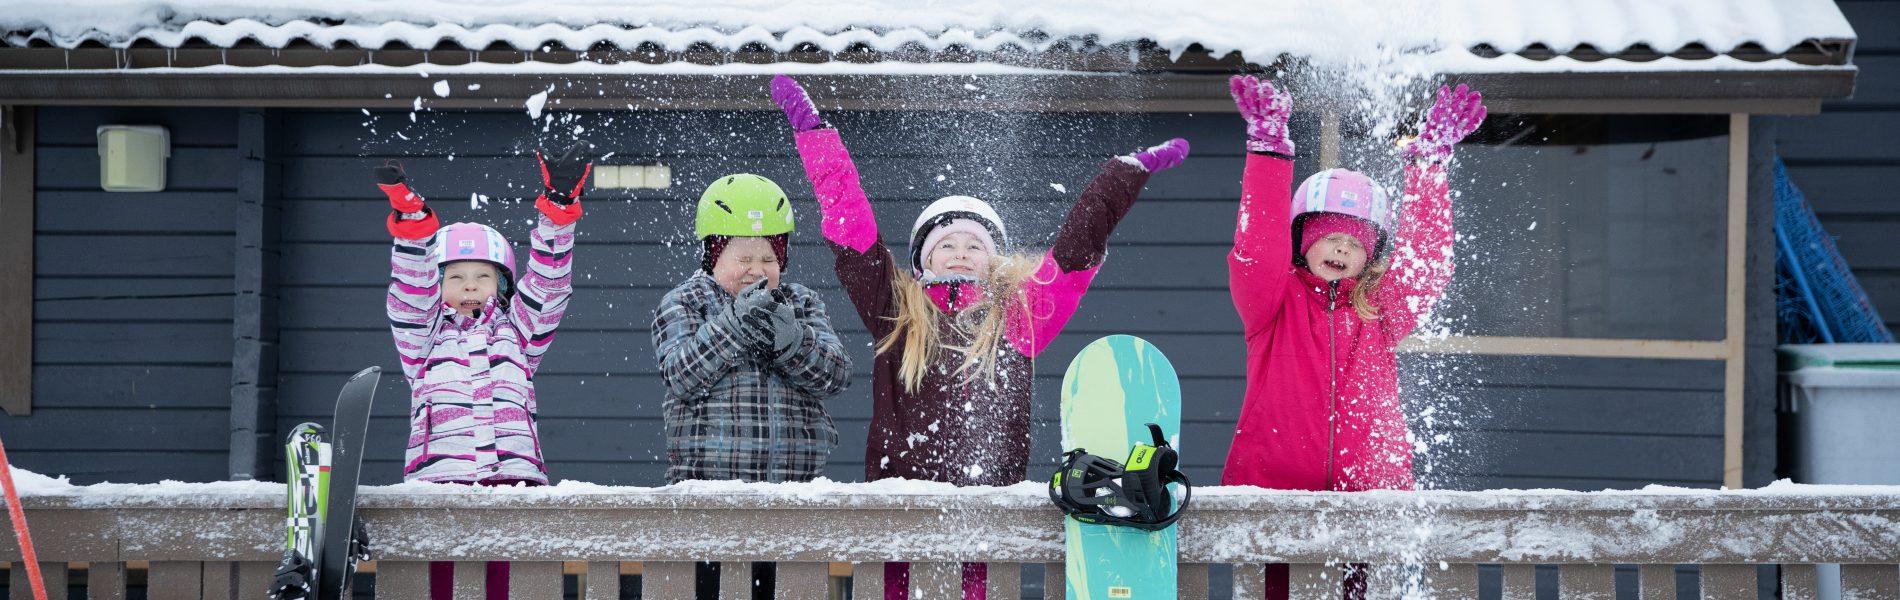 Lapsi heittää lunta ilmaan, taukoa laskettelusta.